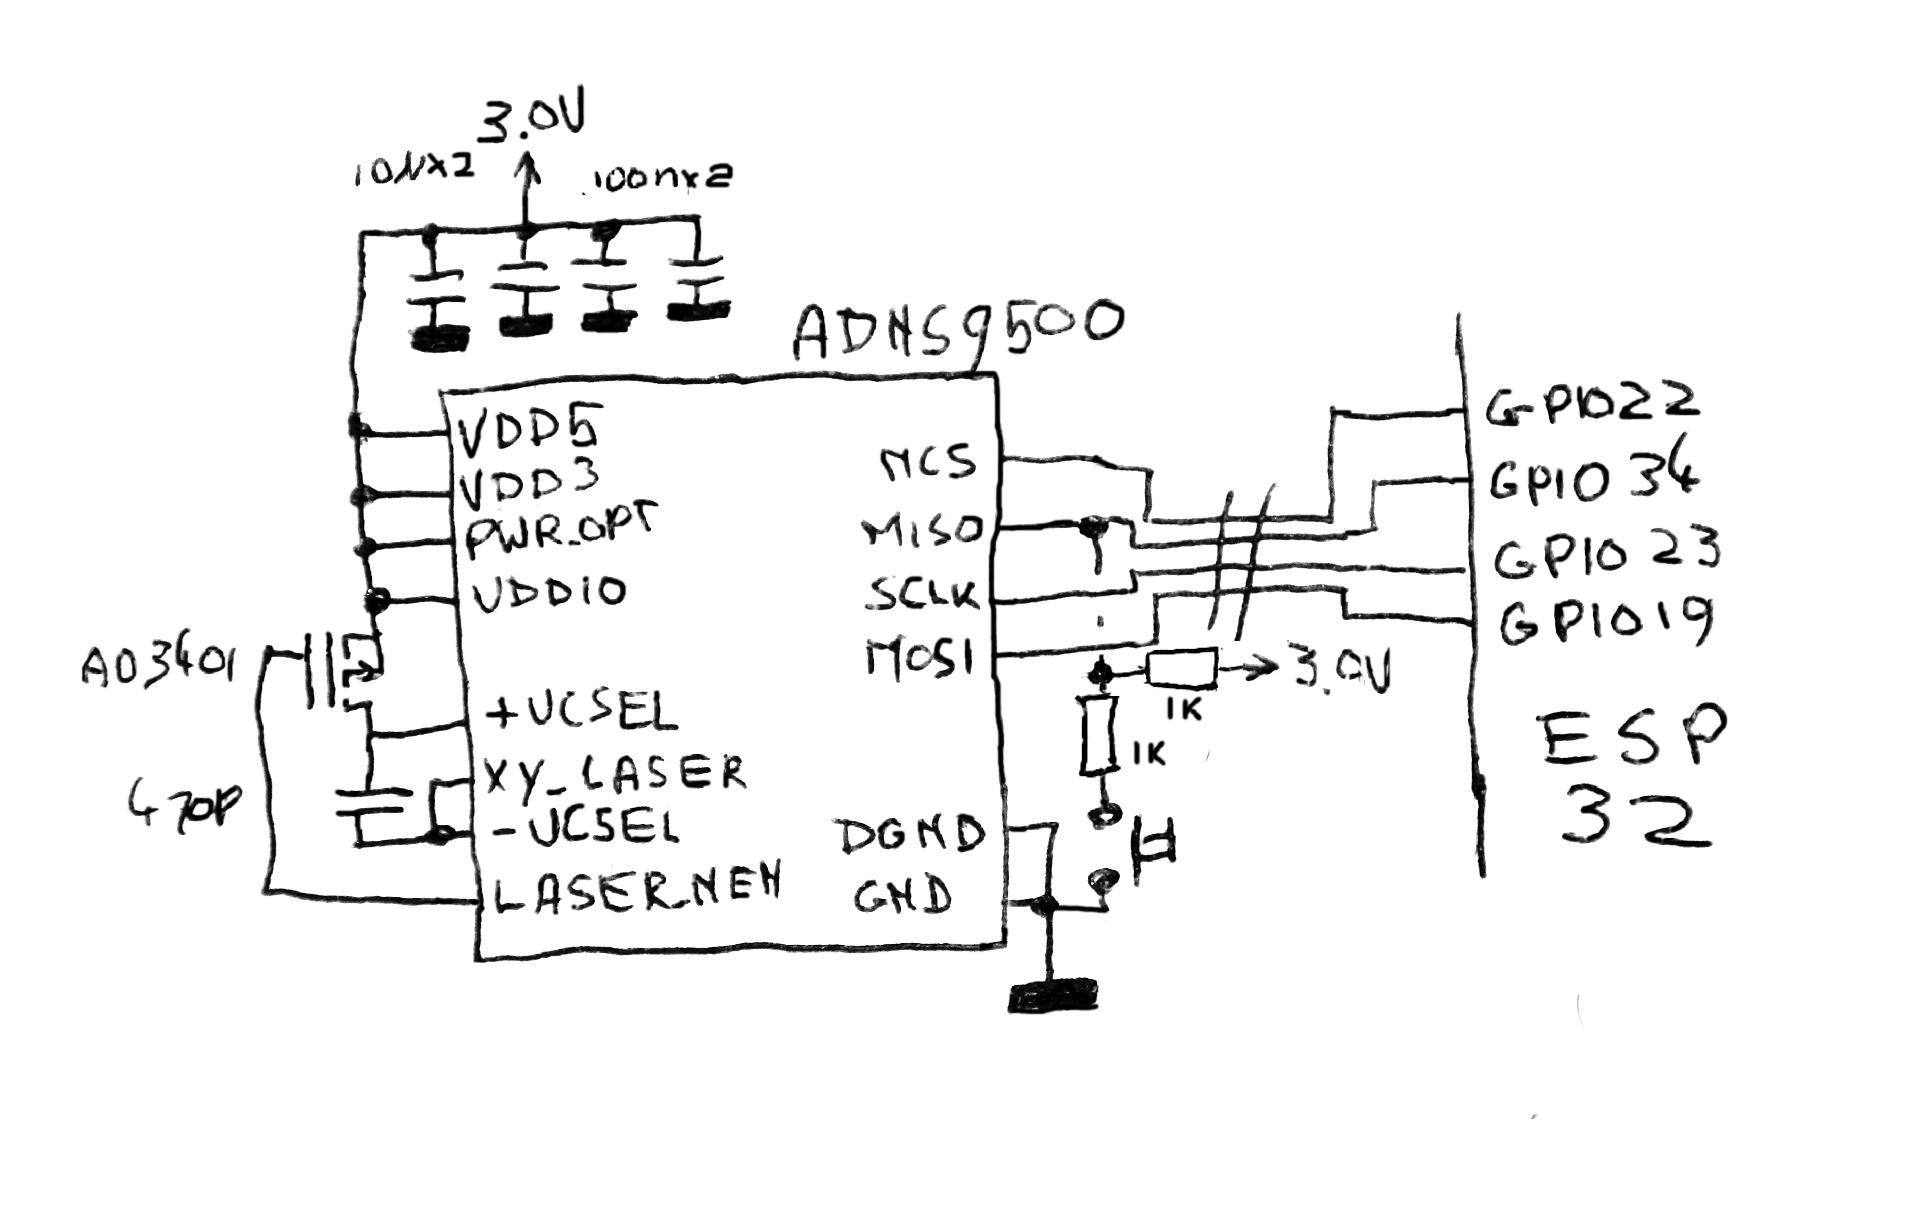 Laser Mouse Schematic Electrical Wiring Diagram Opticalpulsegeneratorcircuitdiagramgif Sprites Mods Miniature Macintosh Plus Rh Spritesmods Com Parts Of A